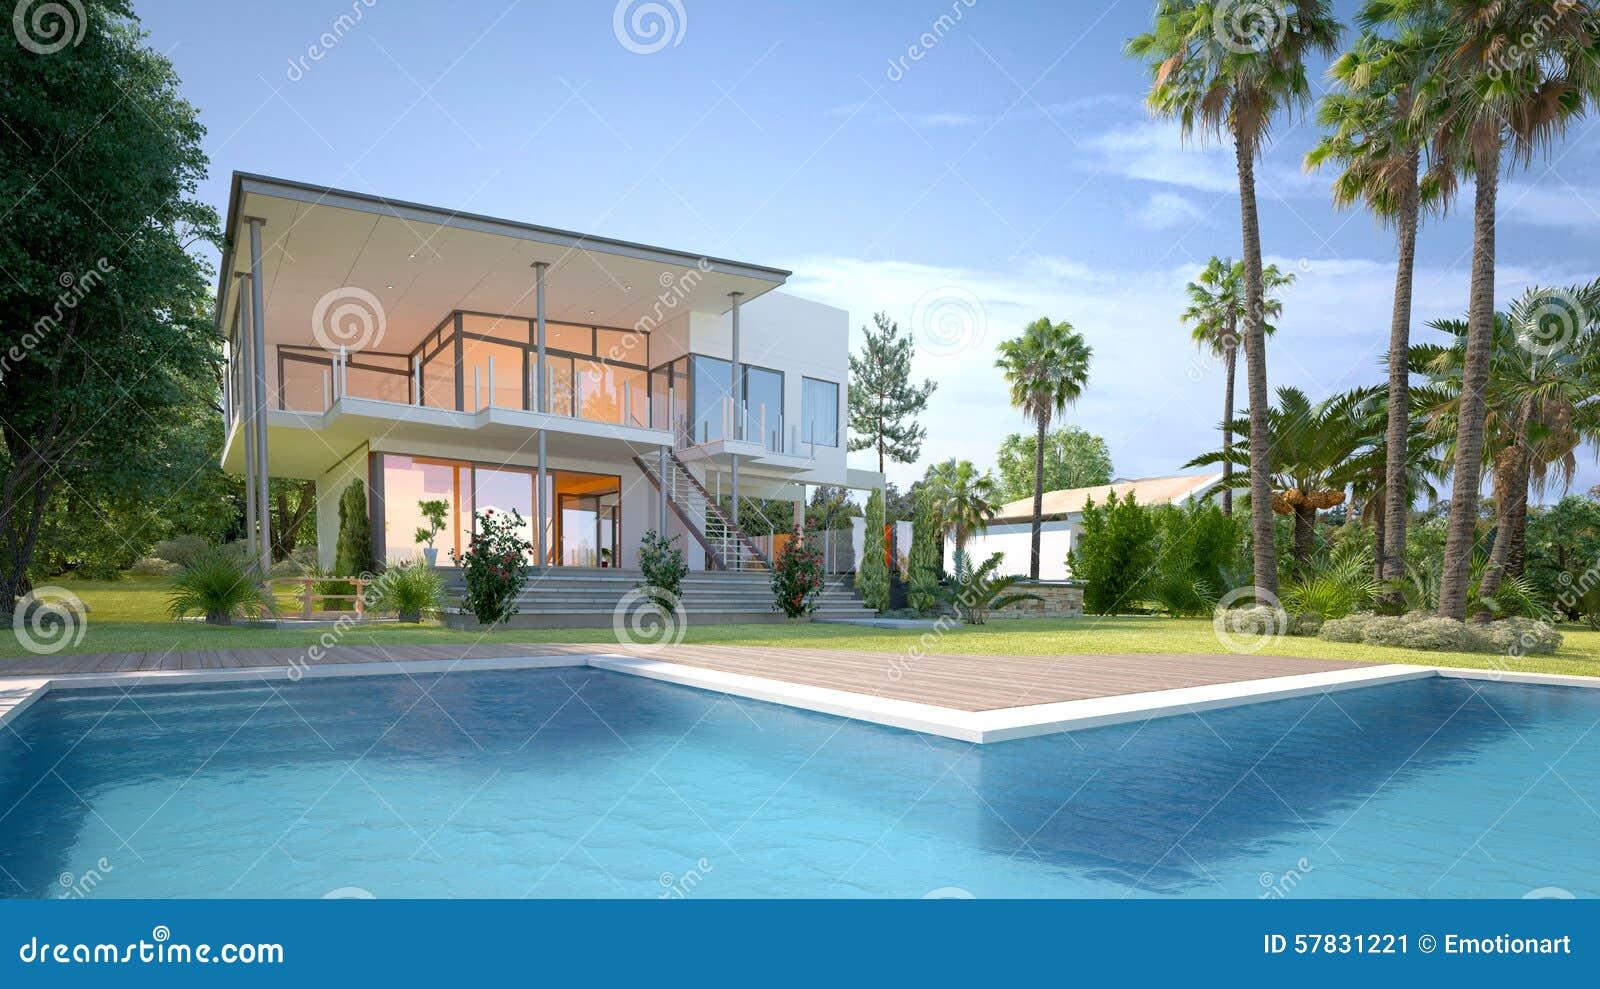 Maison De Luxe Avec Le Jardin Et La Piscine Tropicaux Illustration